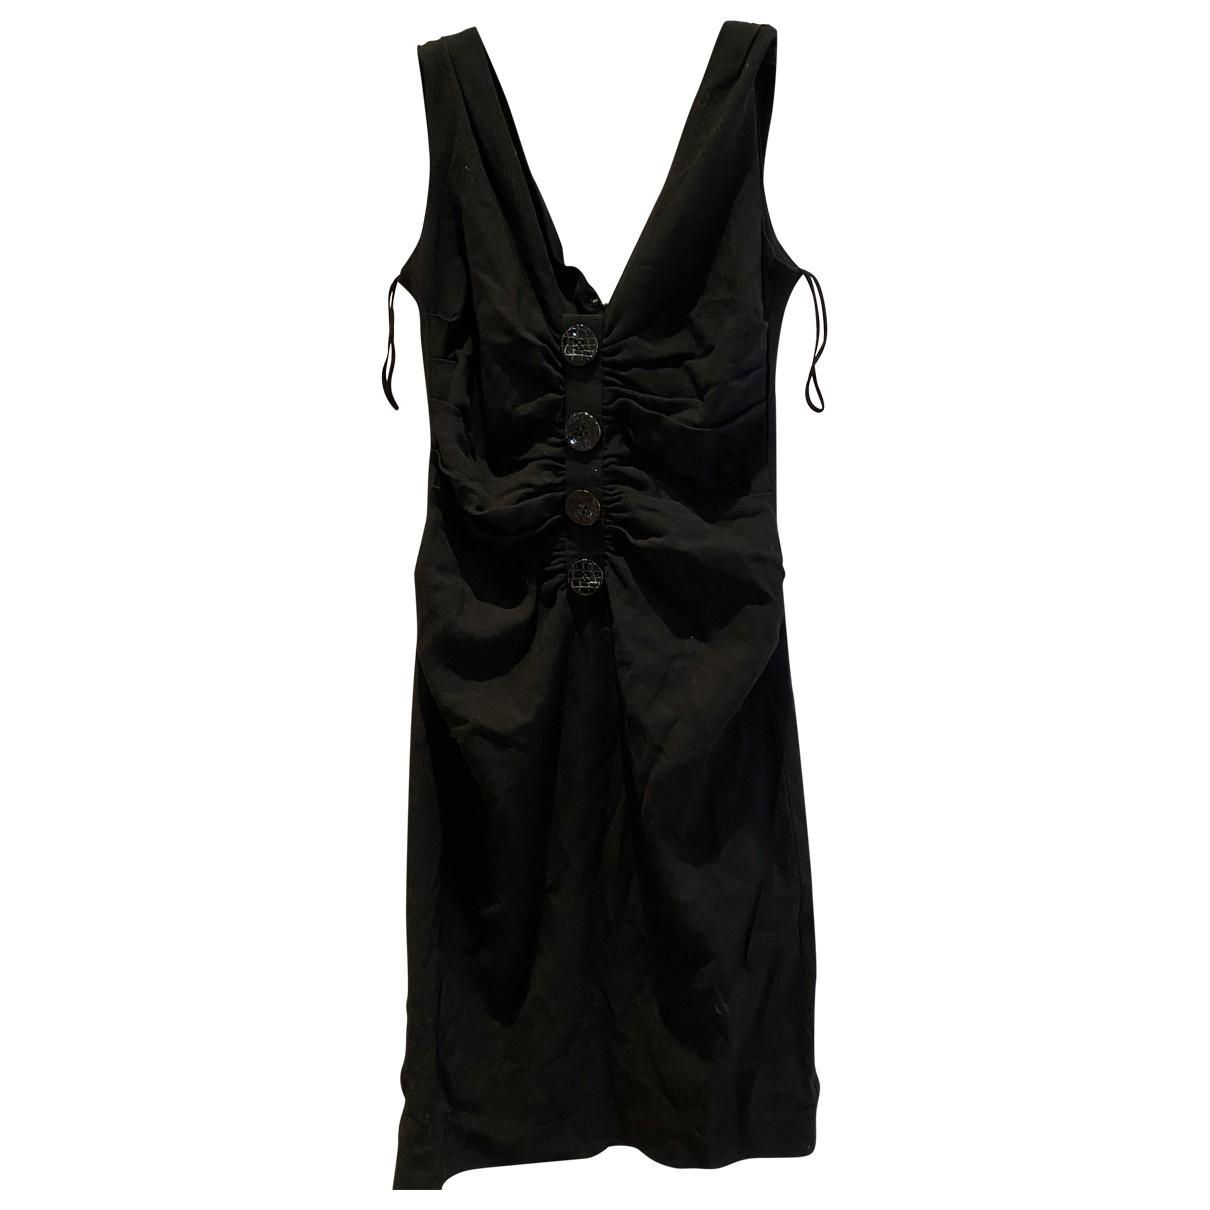 Dolce & Gabbana N Black dress for Women 44 FR